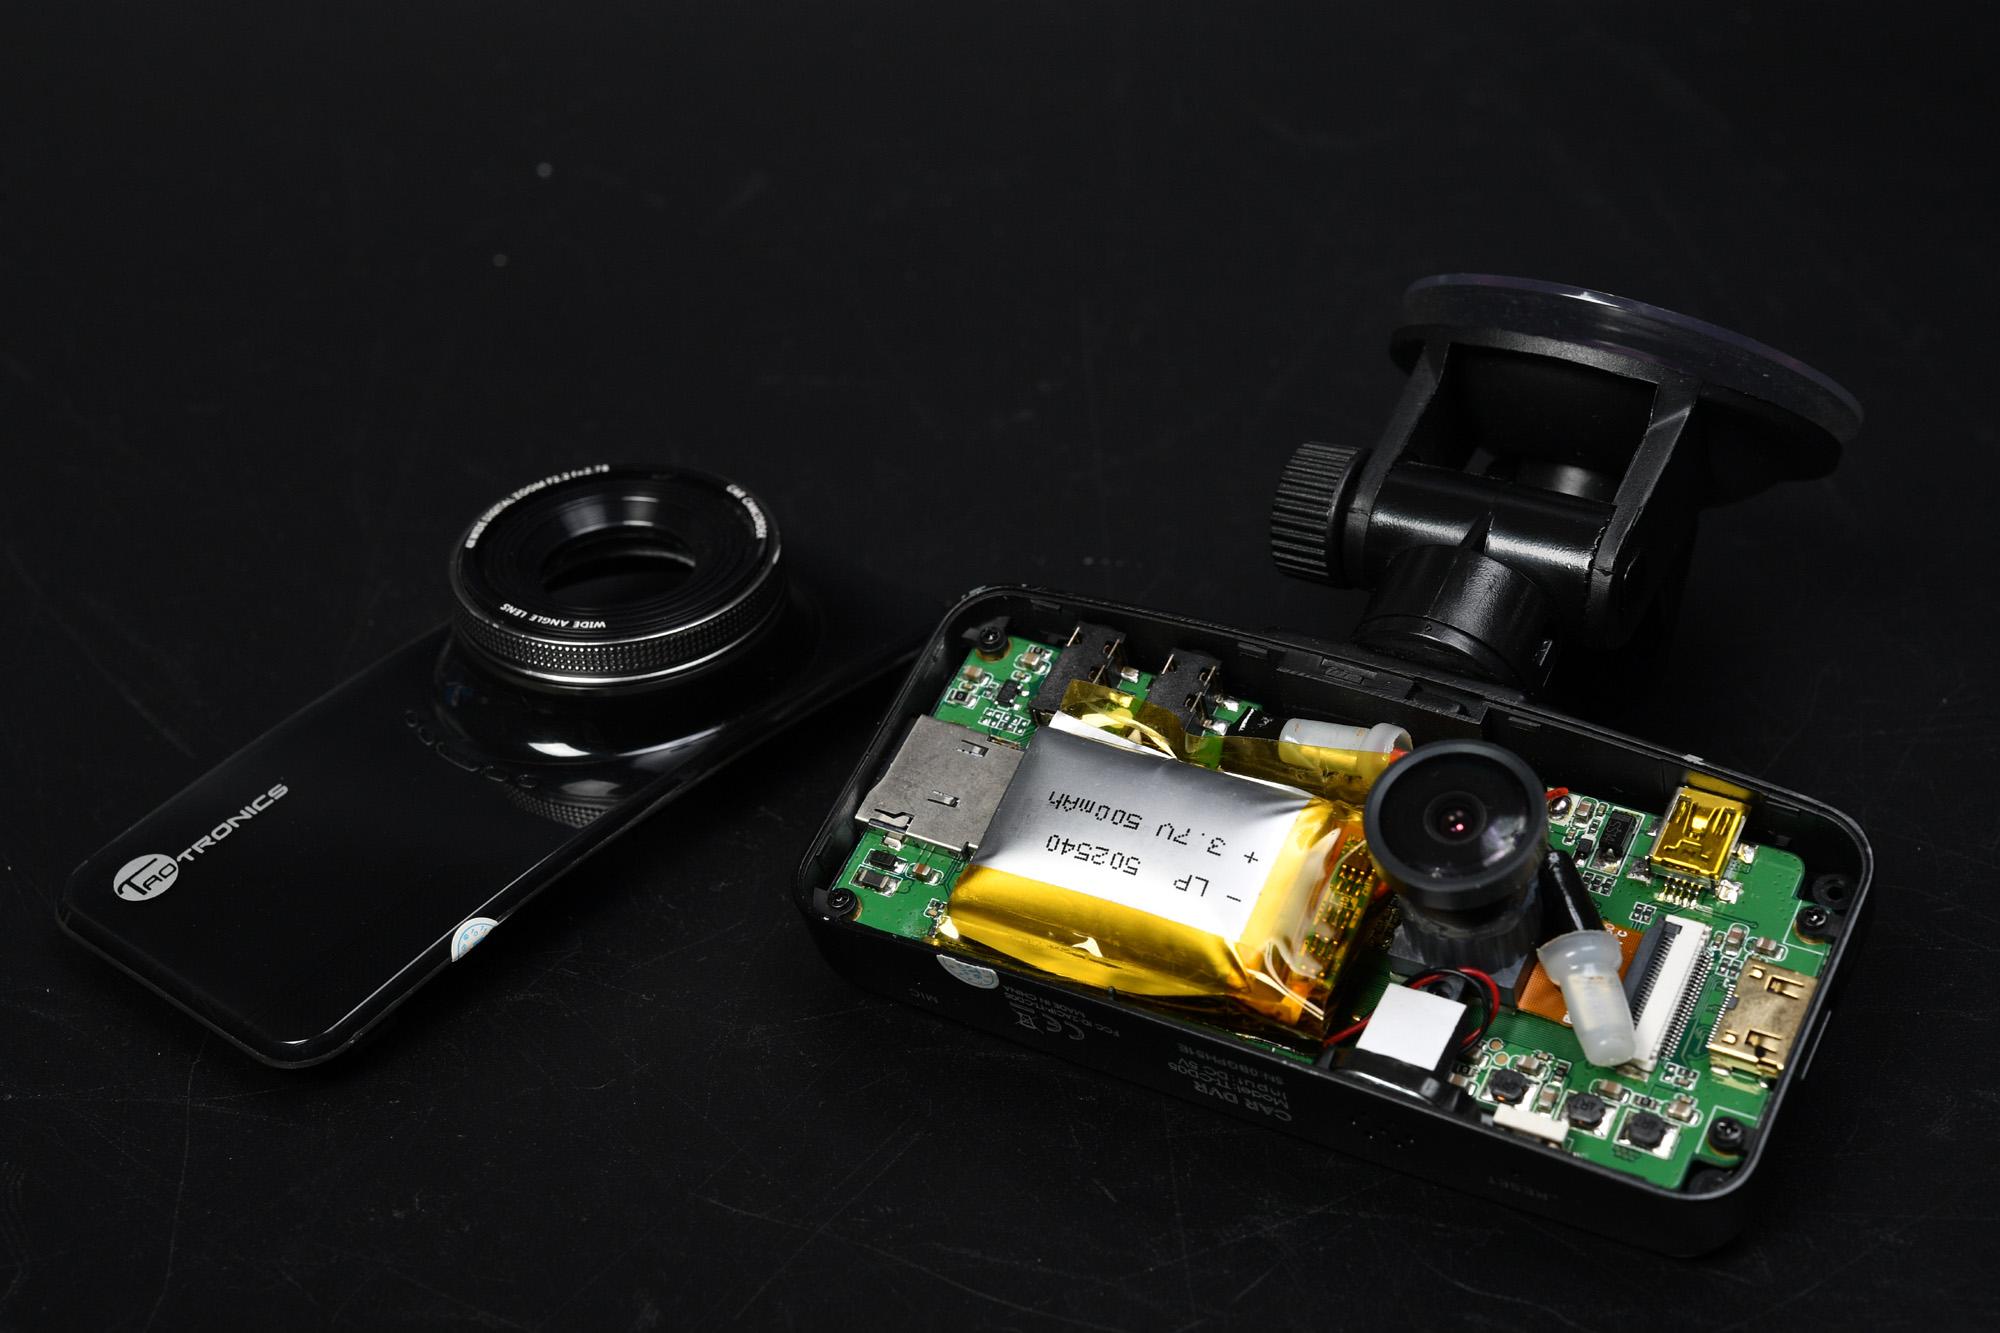 ドライブレコーダー バッテリーパンパンで外したら事故。(*_*)